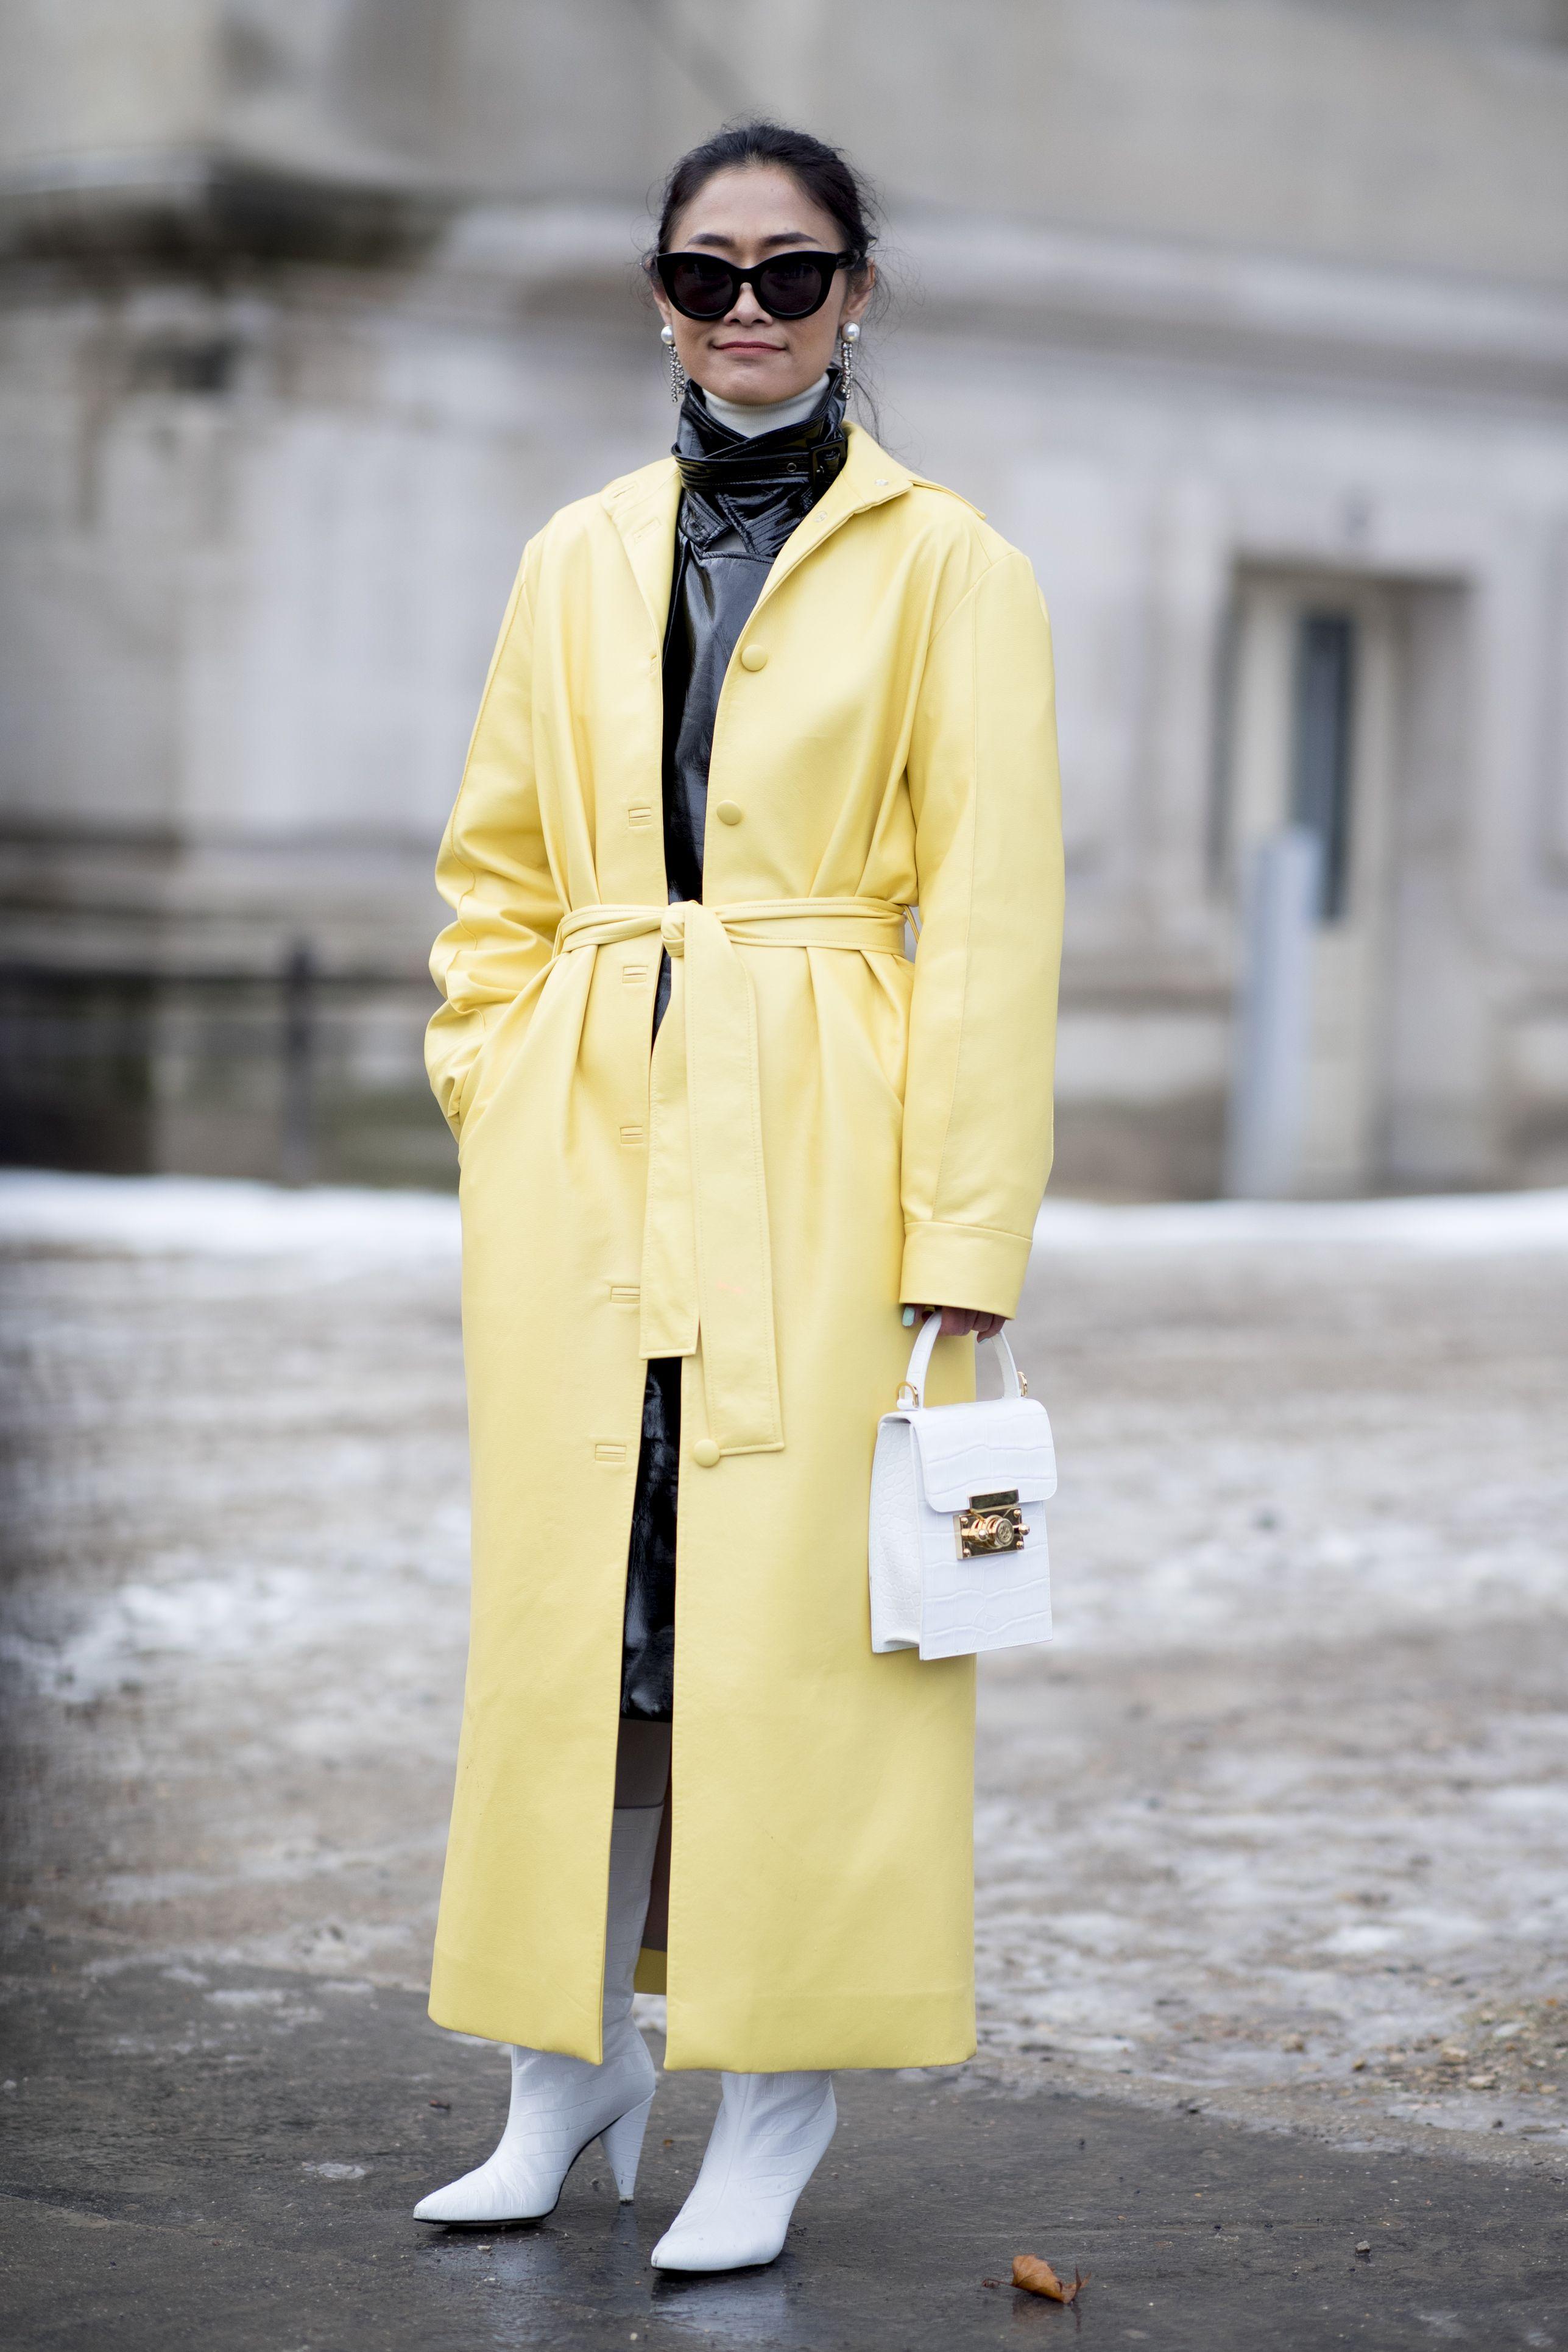 tendenze primavera 2019, moda primavera 2019, look di moda 2019